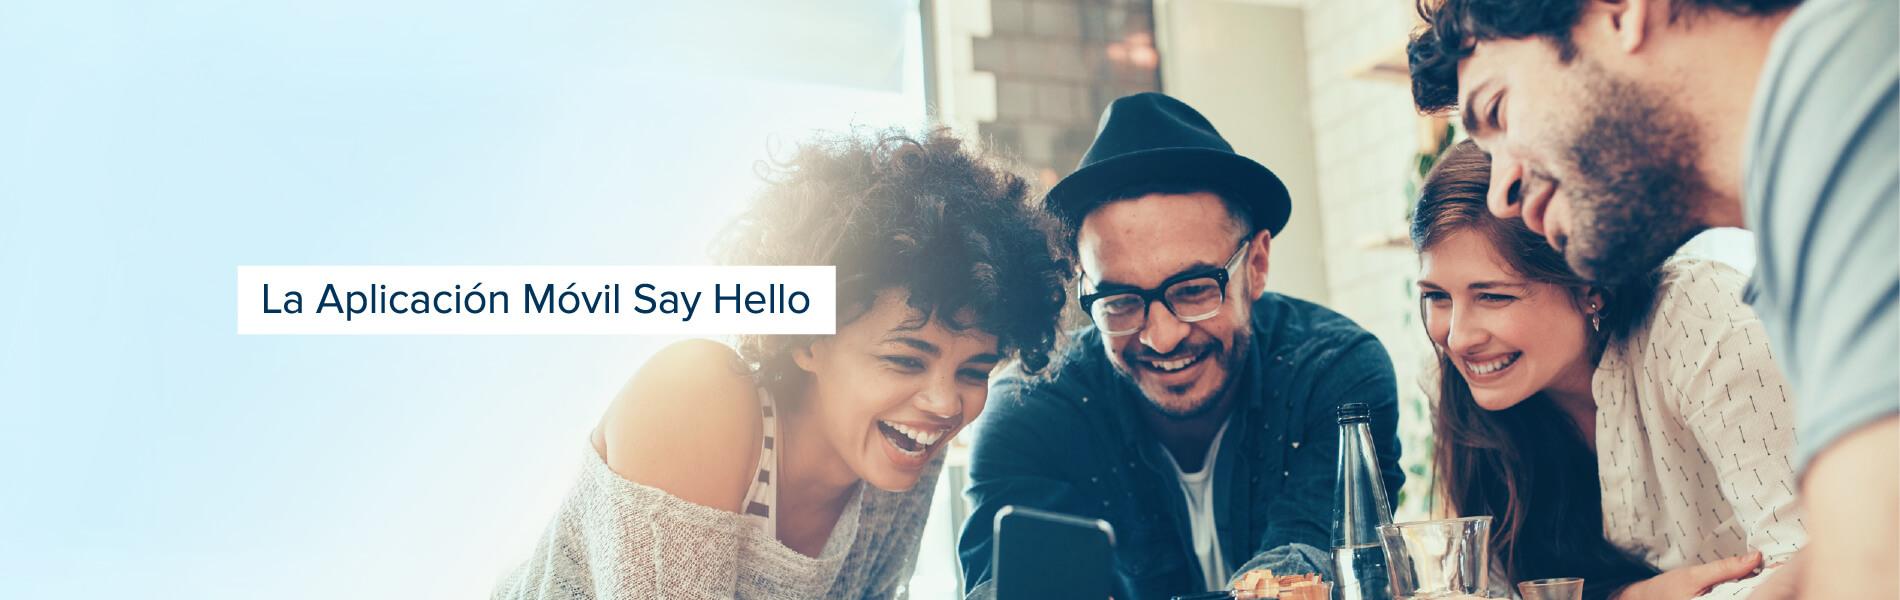 Aprende inglés online con la aplicación móvil Say Hello